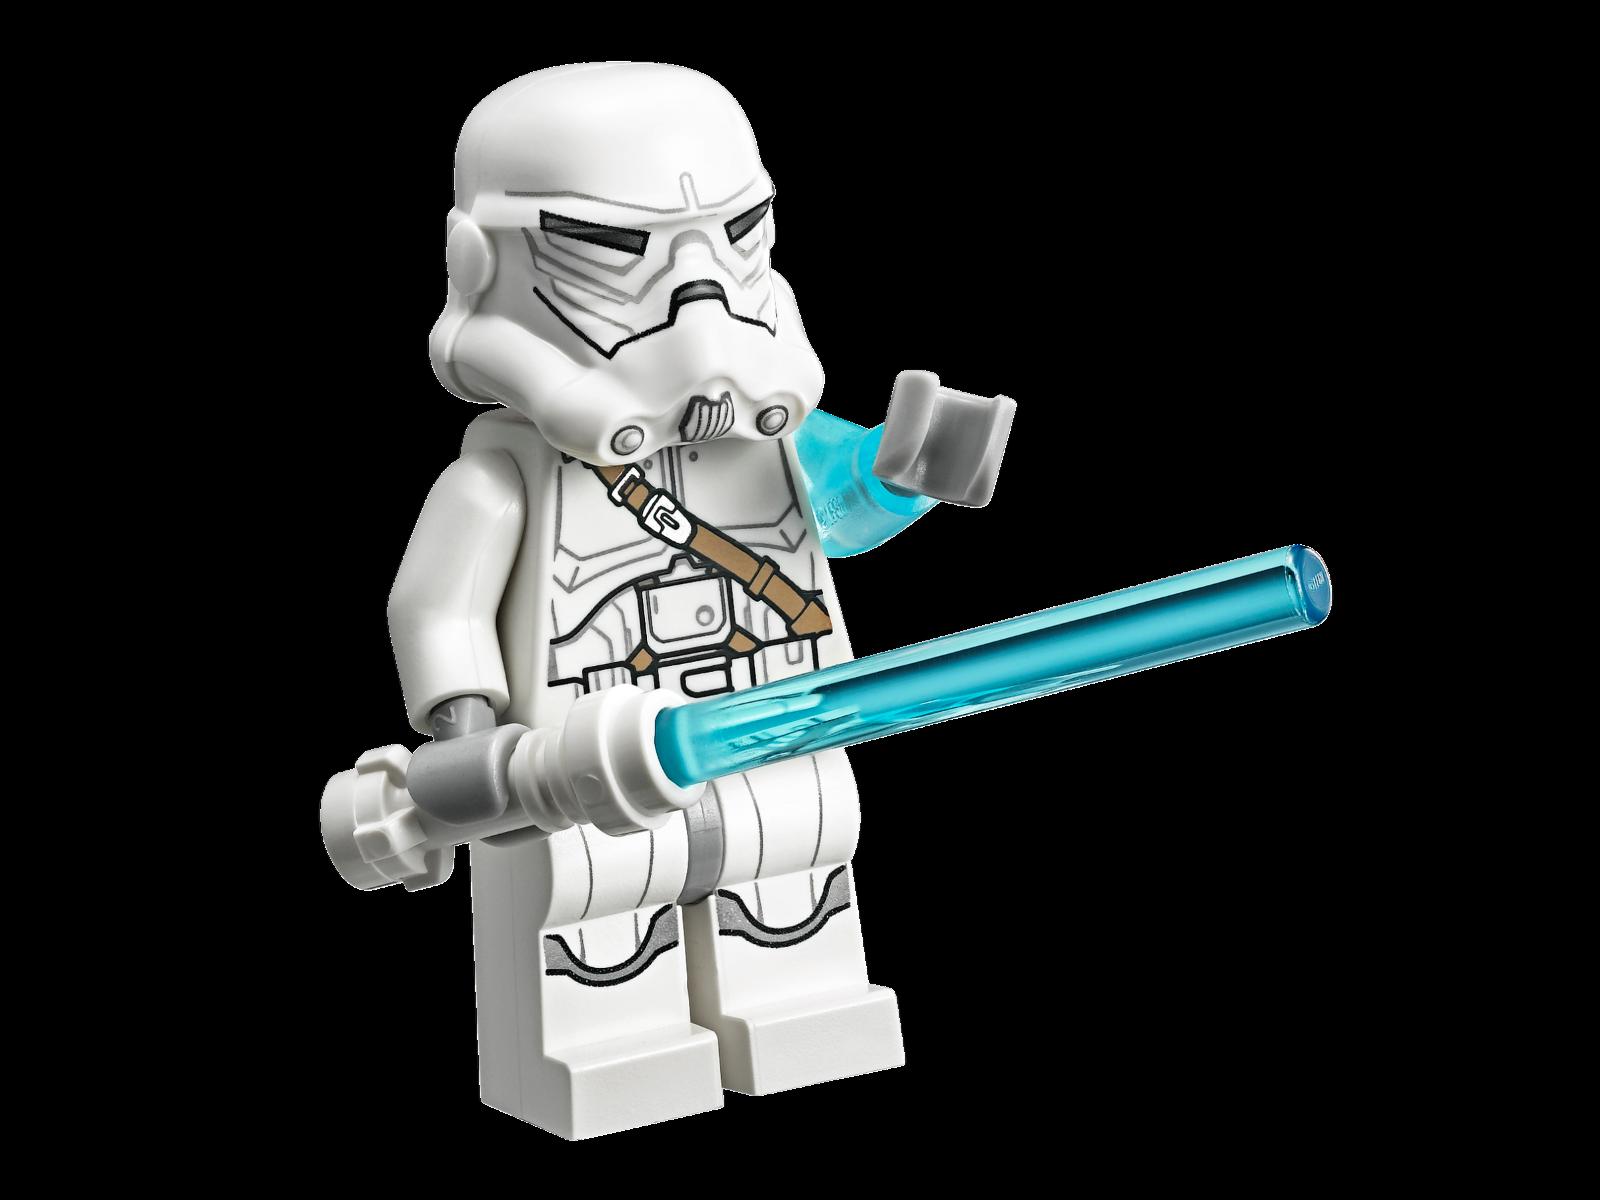 LEGO Jek-14 Star Wars minifigure COMPLETE White lightsaber, helmet, hair-piece, /& lightning